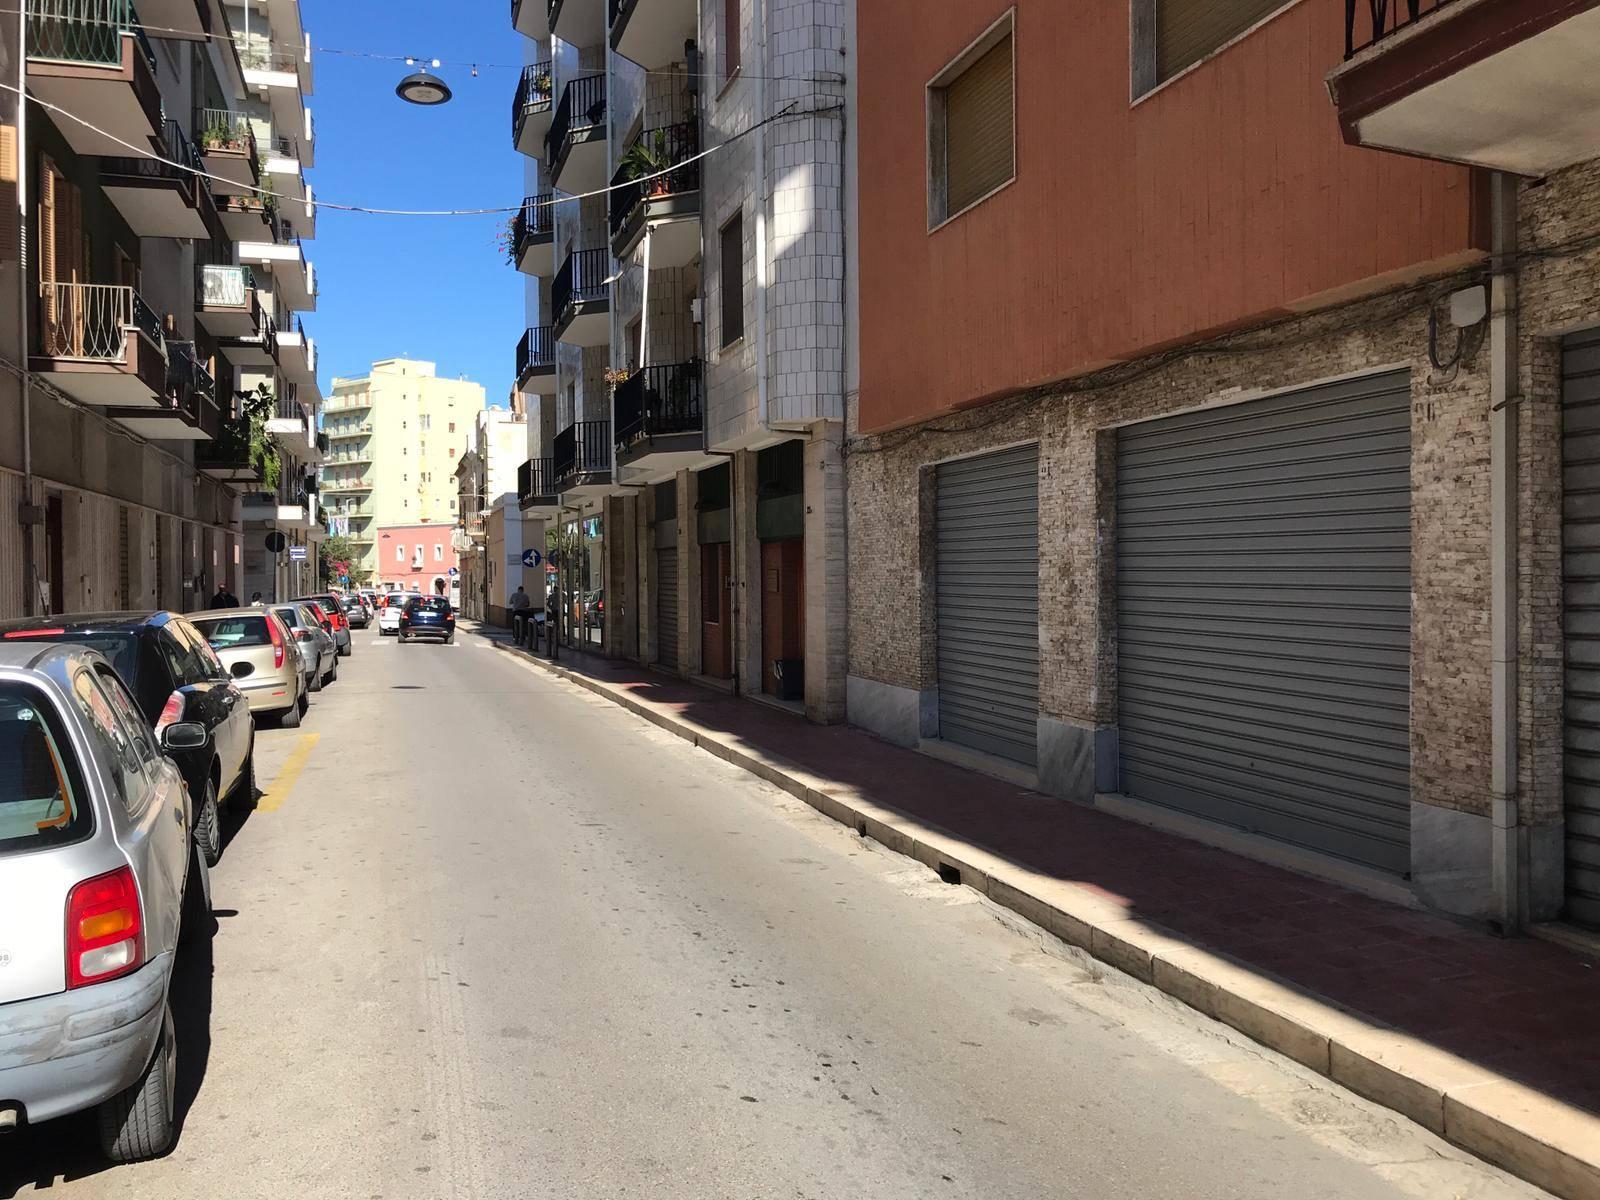 Negozio / Locale in affitto a Monopoli, 1 locali, prezzo € 800 | CambioCasa.it